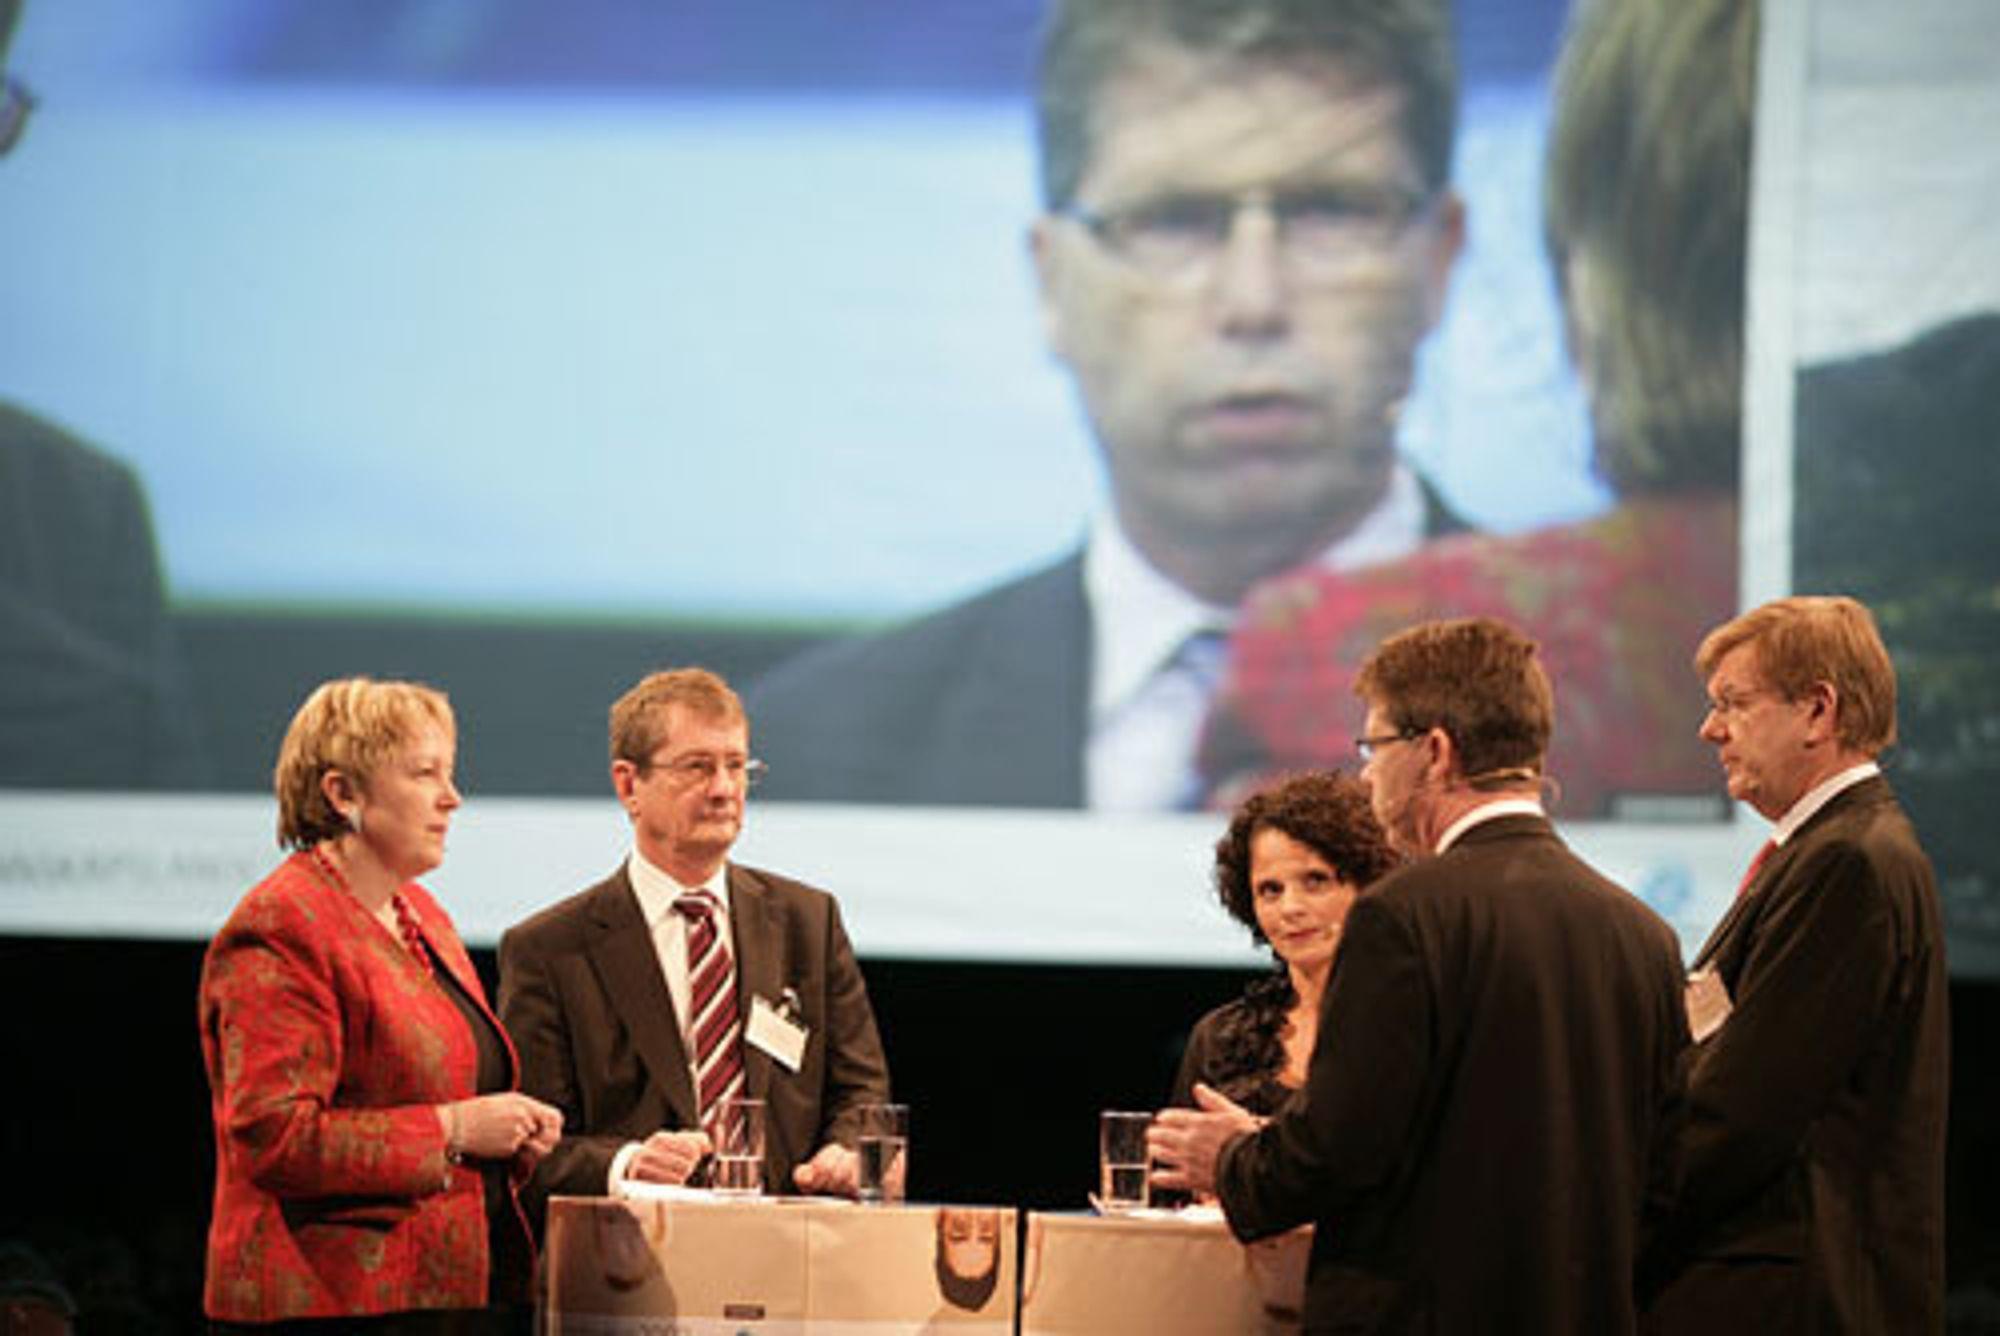 NHO krever 20 milliarder kroner i et teknologiløft for forskningen. Fra venstre: Sintef-sjef Unni M. Steinsmo, UiO-rektor Geir Ellingsrud, Aker-sjef Leif-Arne Langøy og NHO-direktør Finn Bergesen jr.